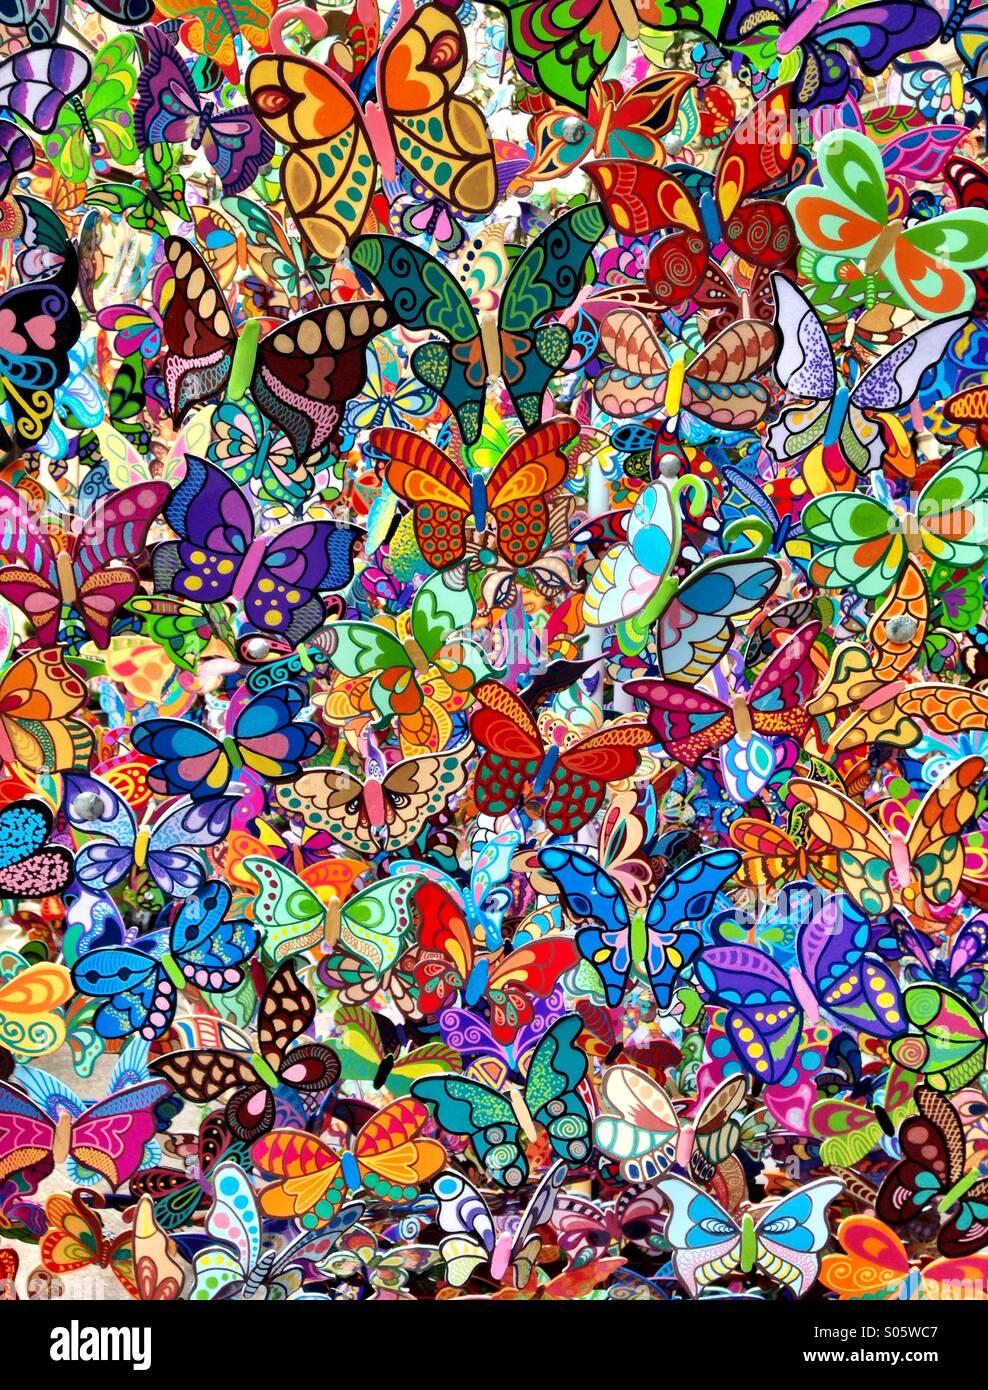 Tapetenmuster bunte Schmetterlinge Stockbild